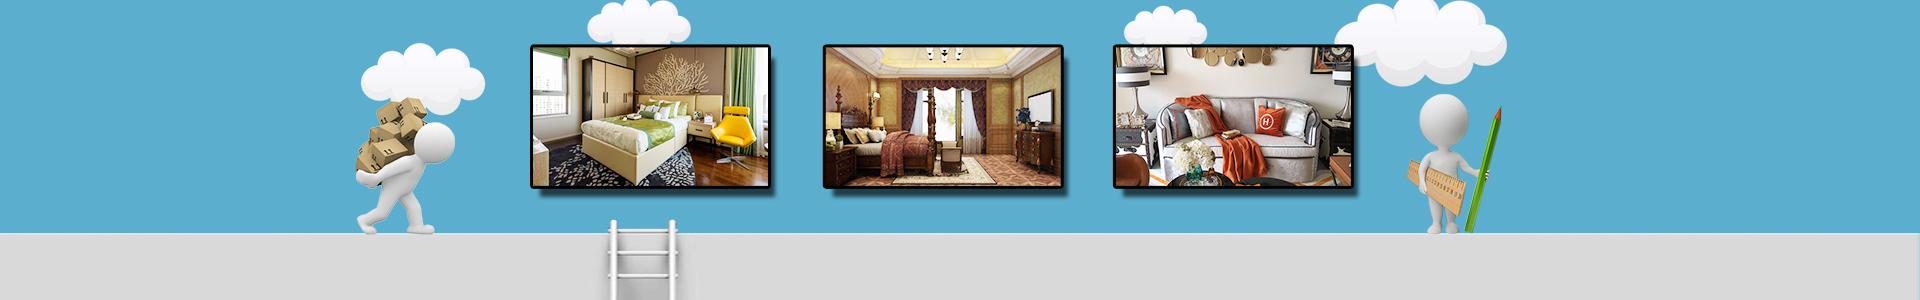 地产软装设计,酒店软装设计,别墅软装设计